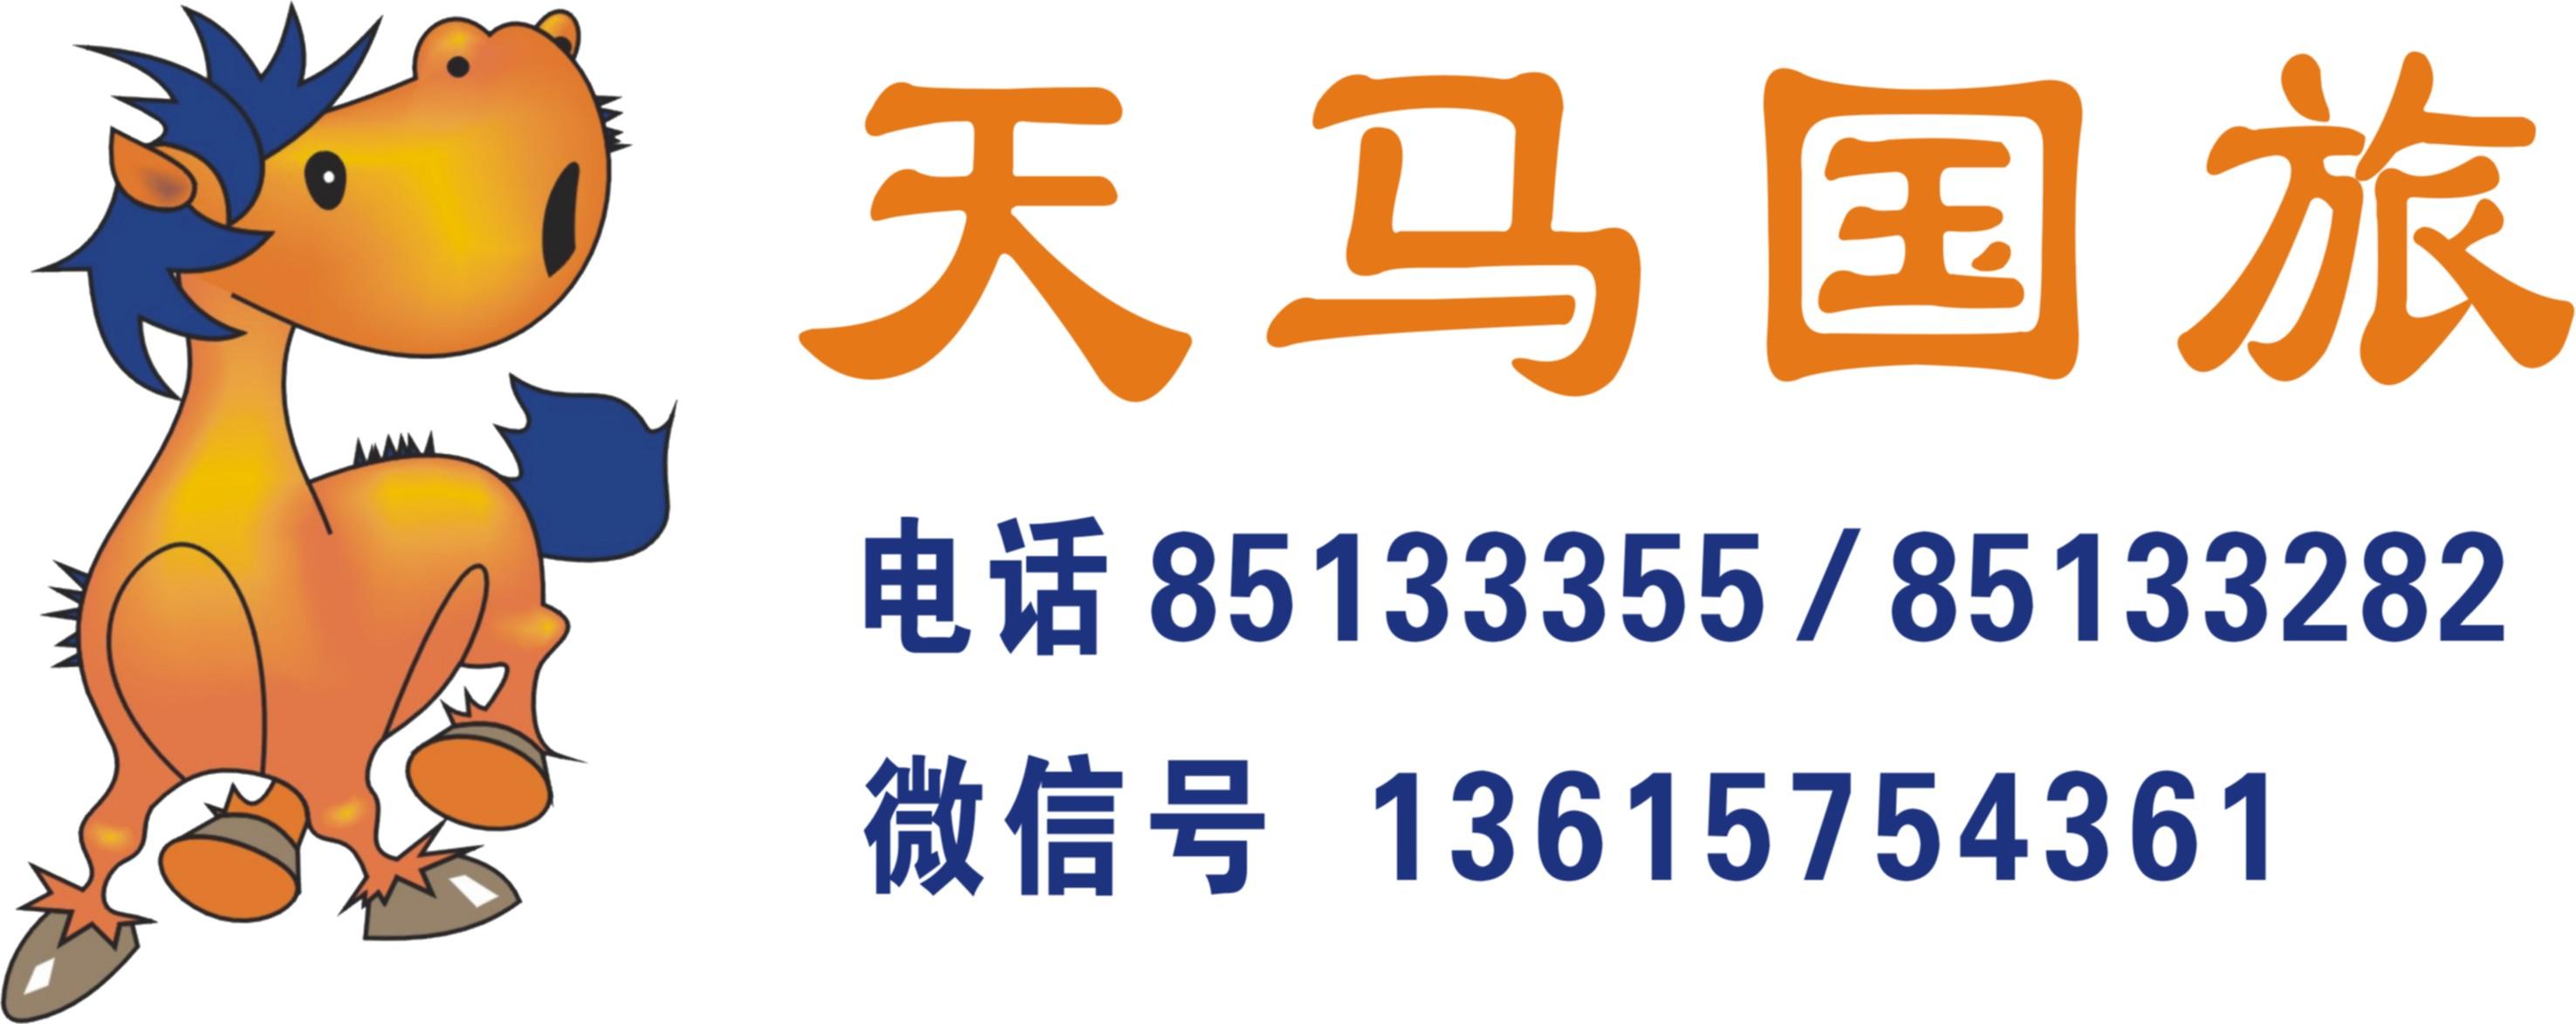 12月【遇见平潭 福州三坊七巷、平潭岛双动三日】